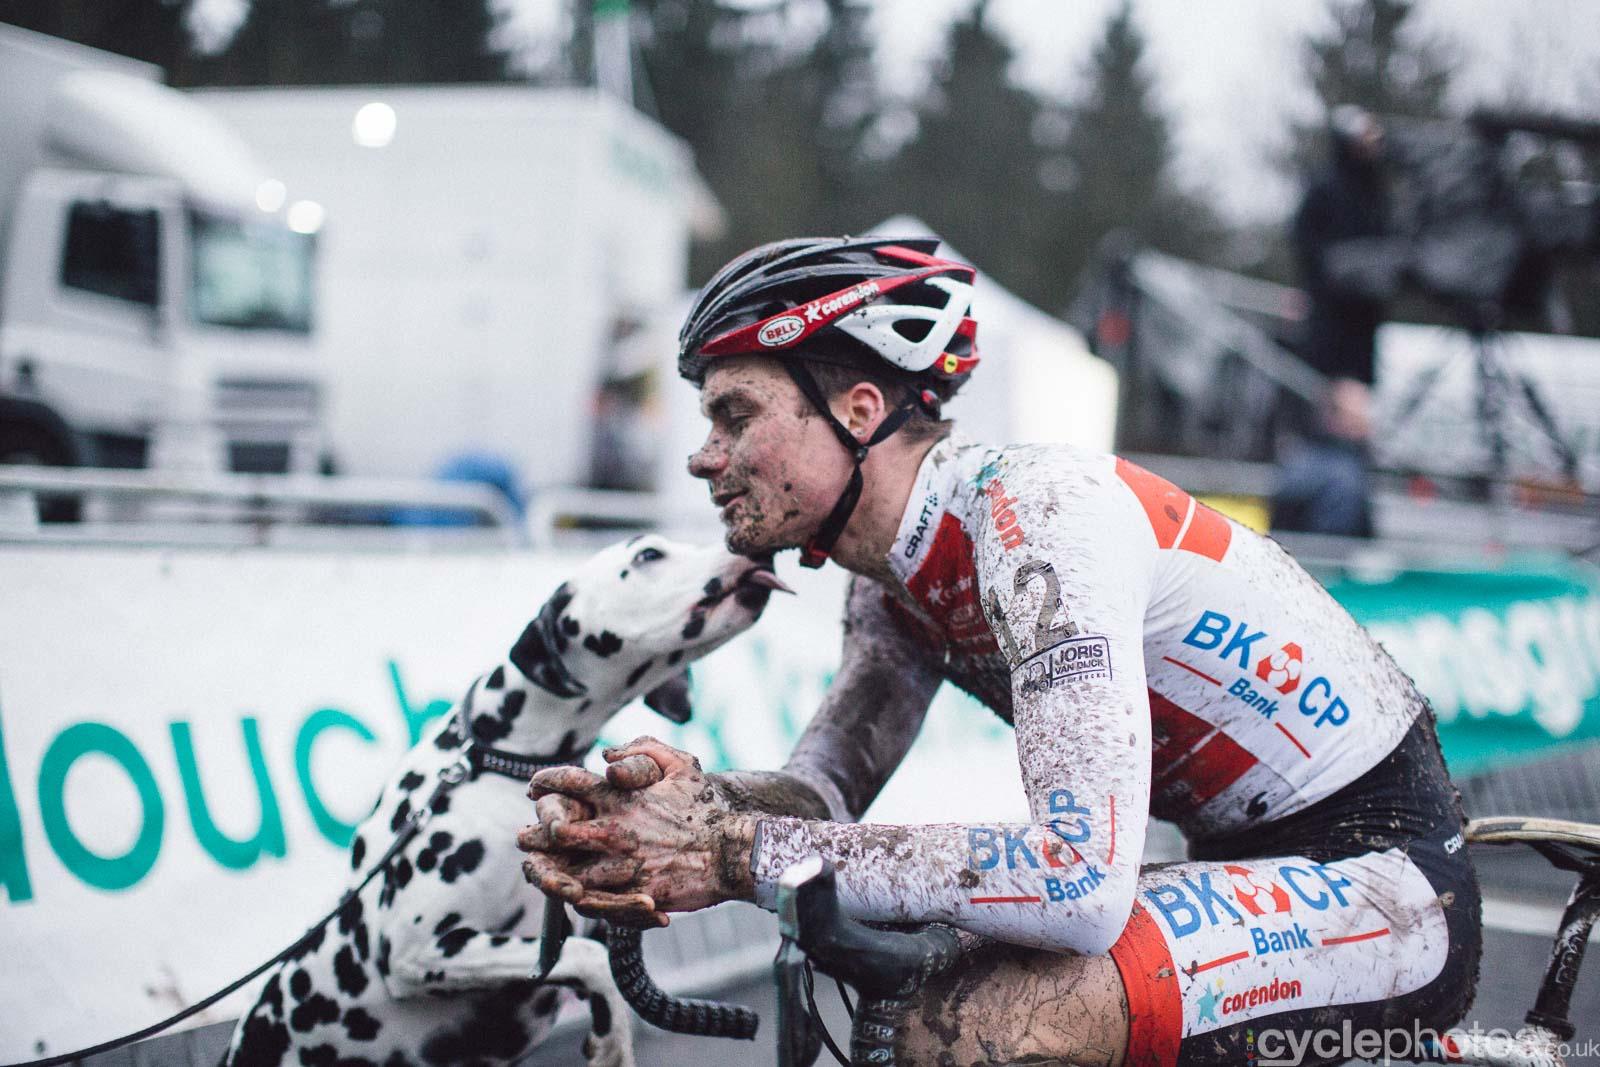 2015-cyclephotos-cyclocross-spa-160730-david-van-der-poel